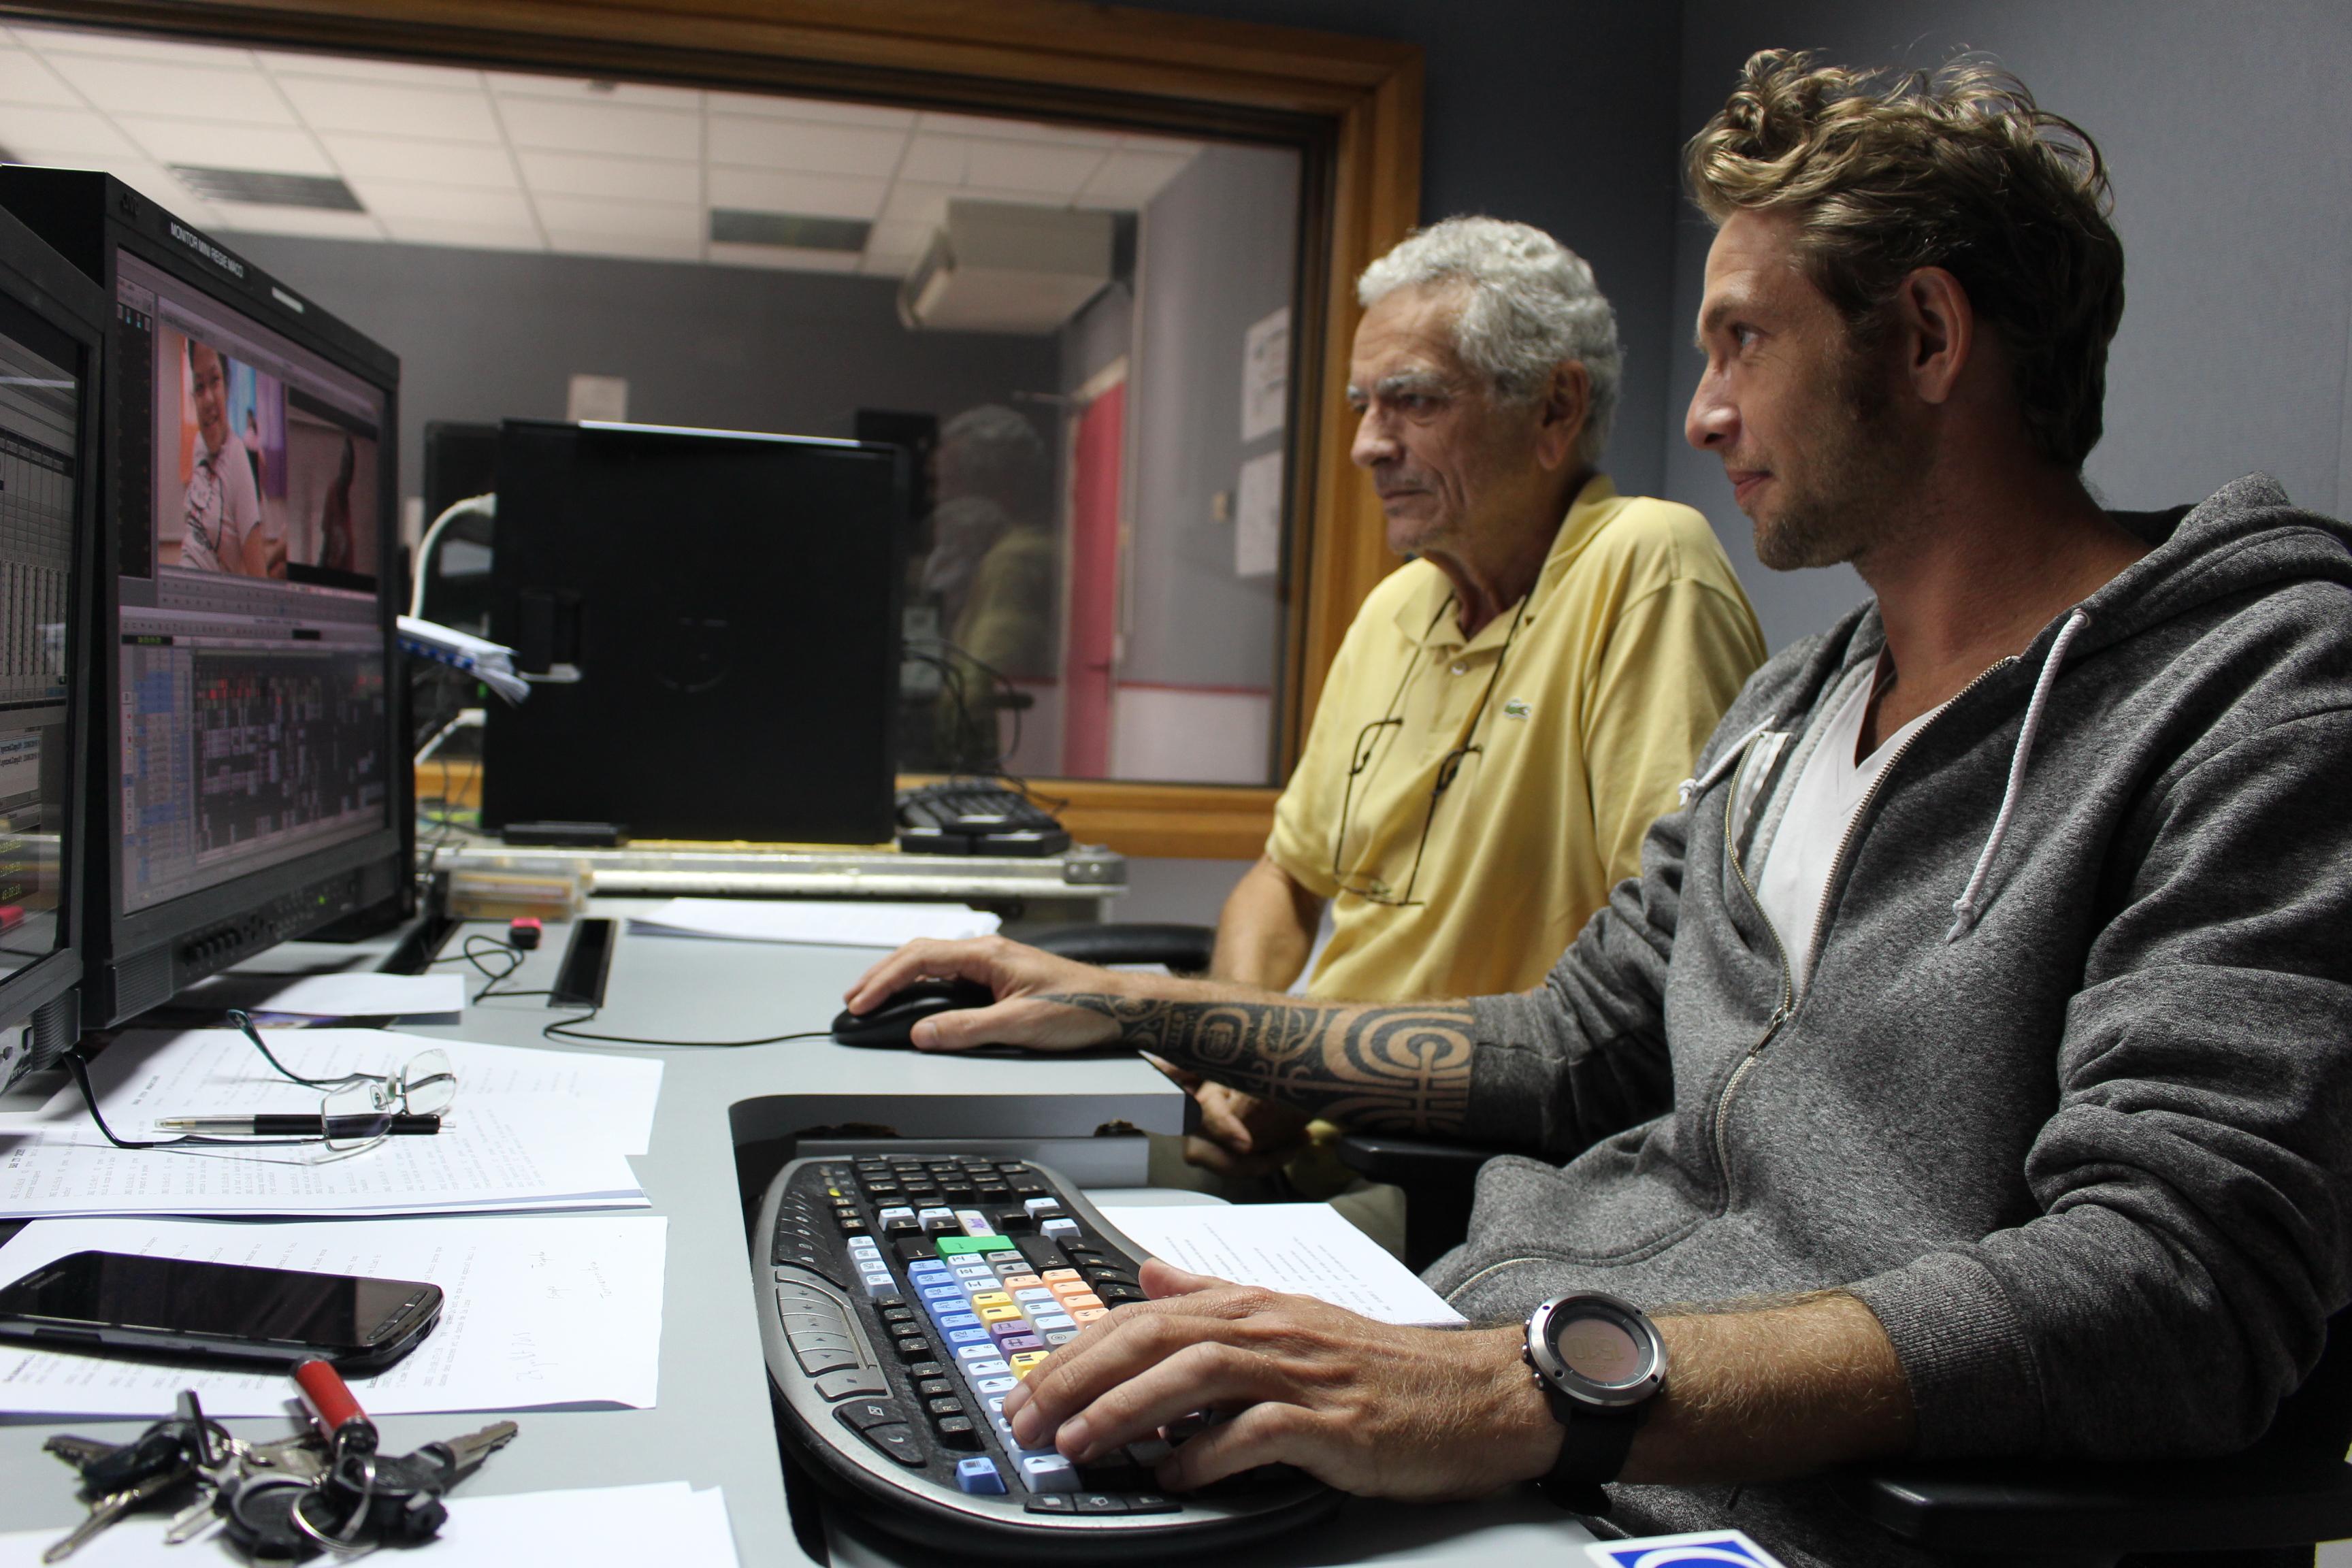 Julien Markt, monteur aux côtés de Jacques Navarro-Rovira, réalisateur. Ils montent le documentaire qui devrait s'intituler Alors on danse, en hommage à la chanson de Stromae.